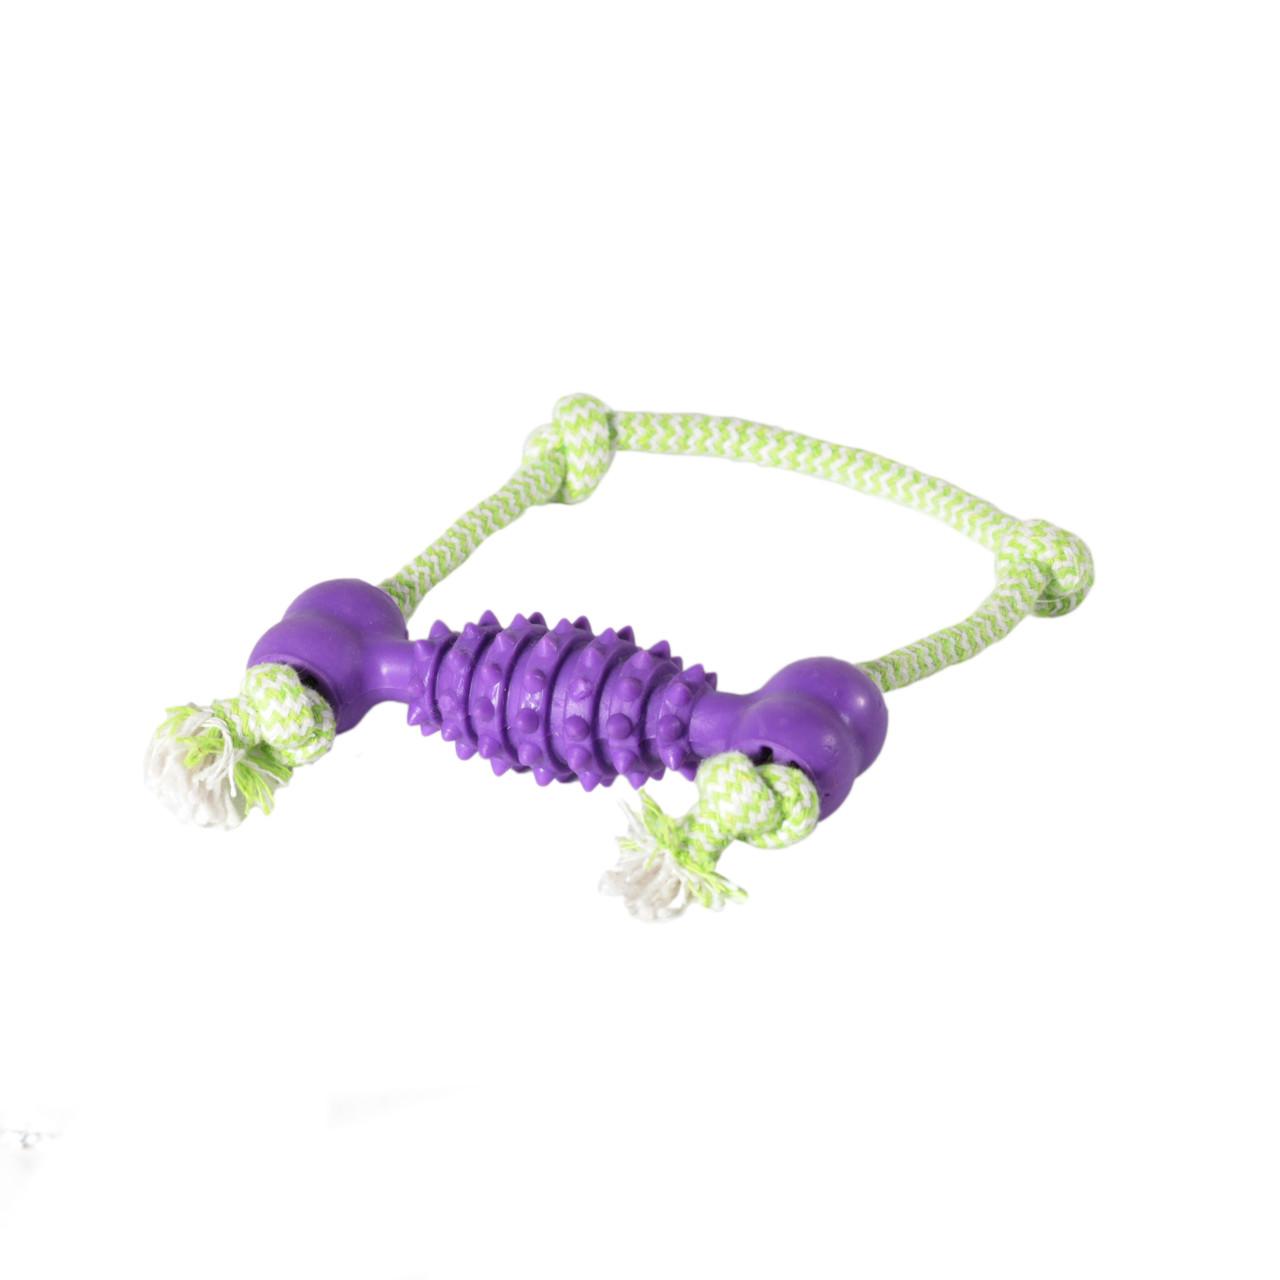 Игрушка для собак Кость с ручкой грейфером TPR 13*17см